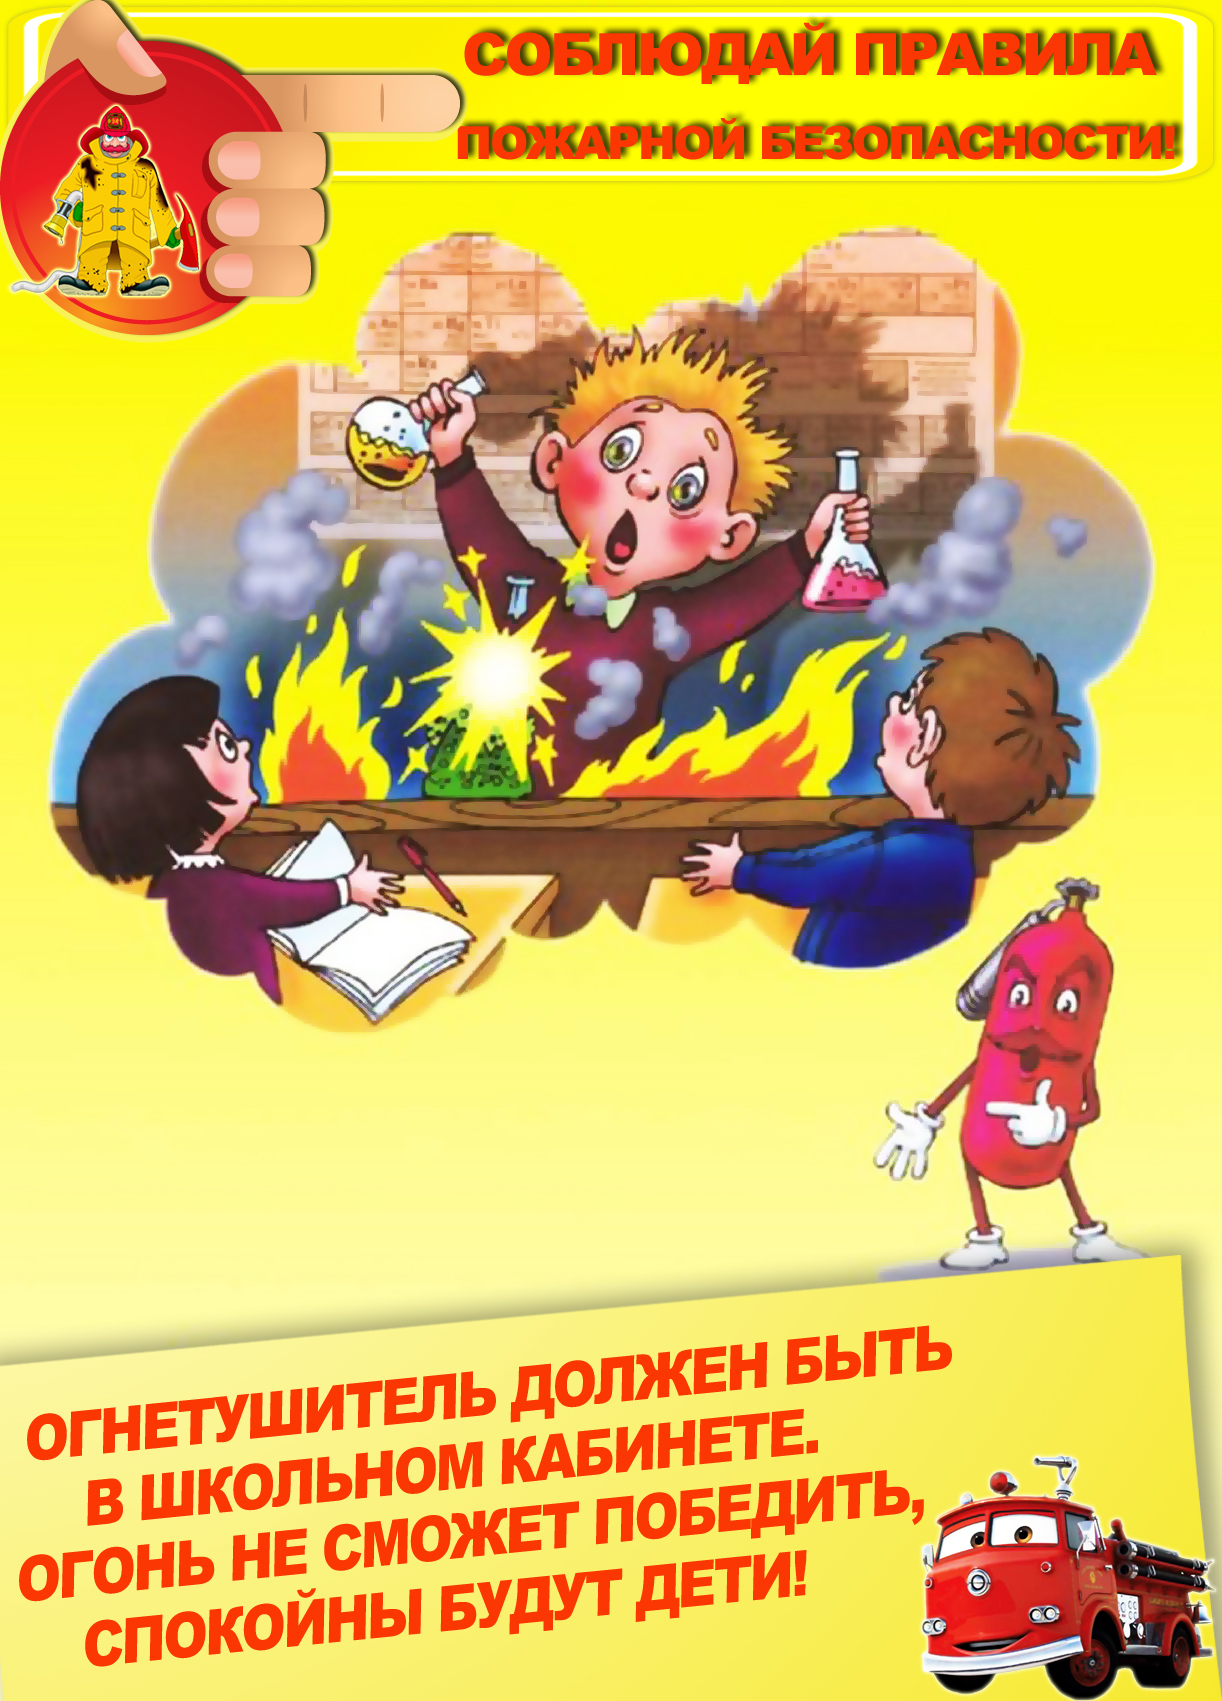 Правила использования огнетушителя